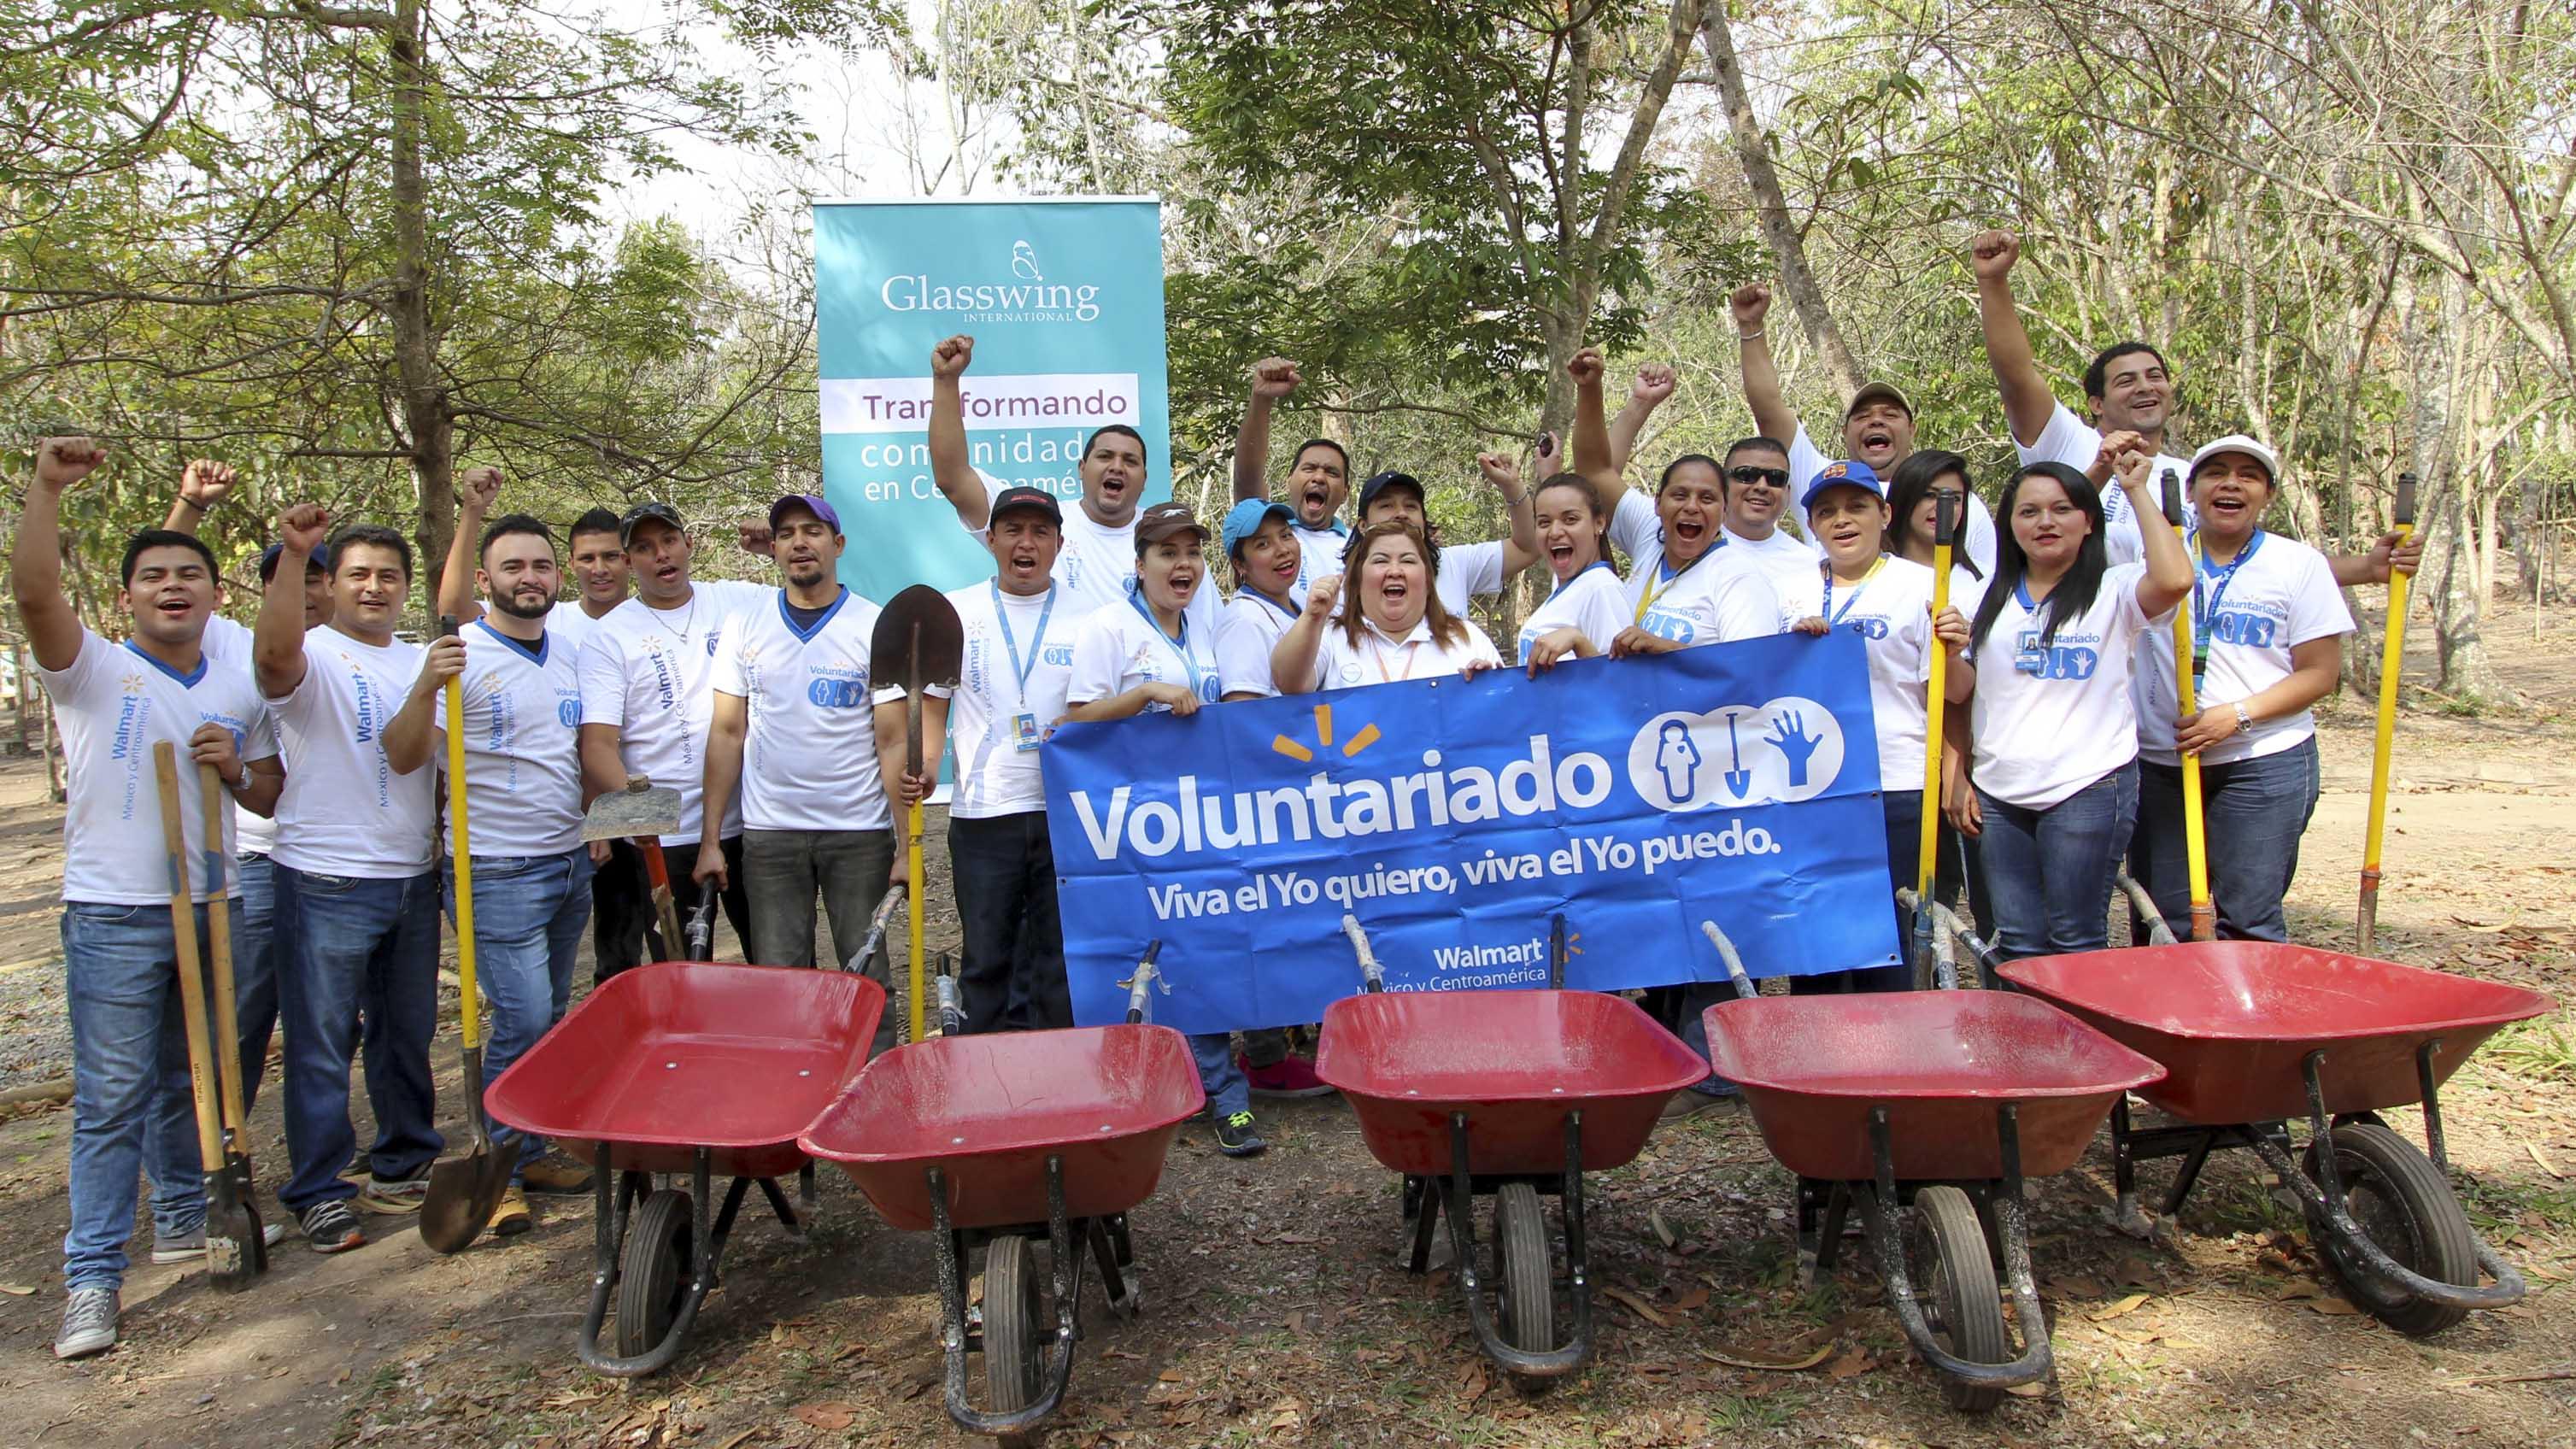 Voluntariado Día de la Tierra en El Salvador